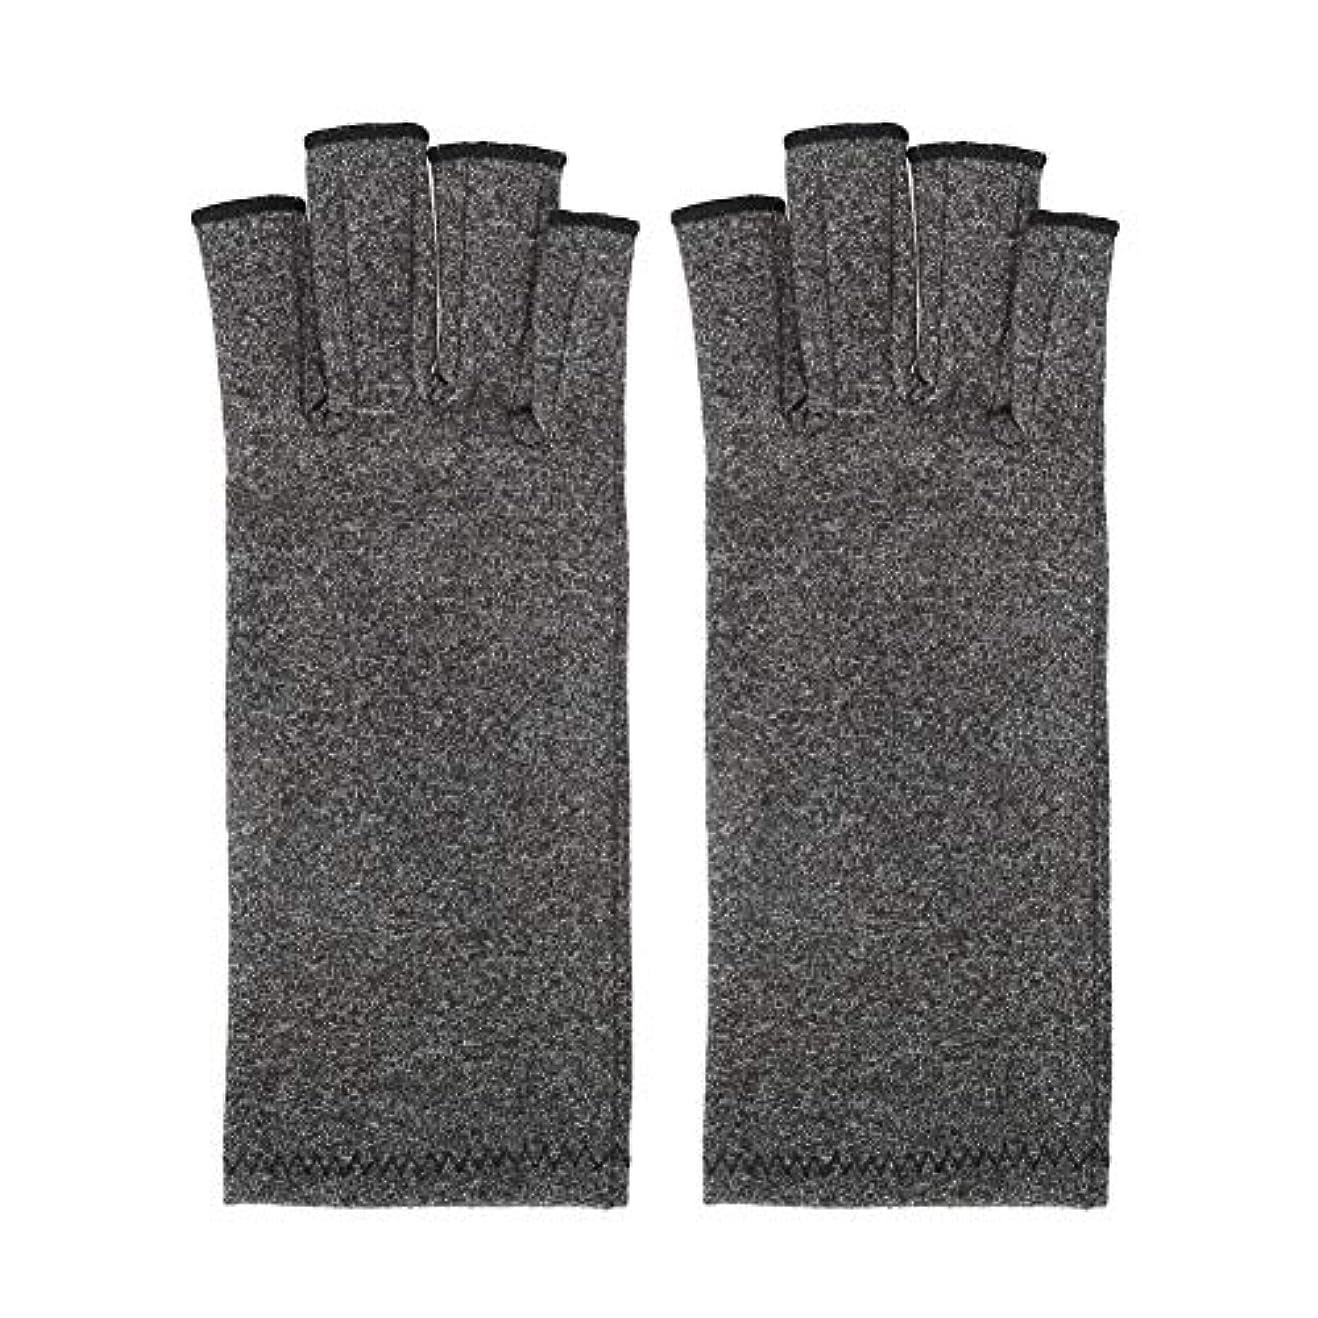 前兆ケーブル納得させる抗関節炎手袋抗関節炎ヘルスケアリハビリテーショントレーニング手袋圧縮療法リウマチ性疼痛